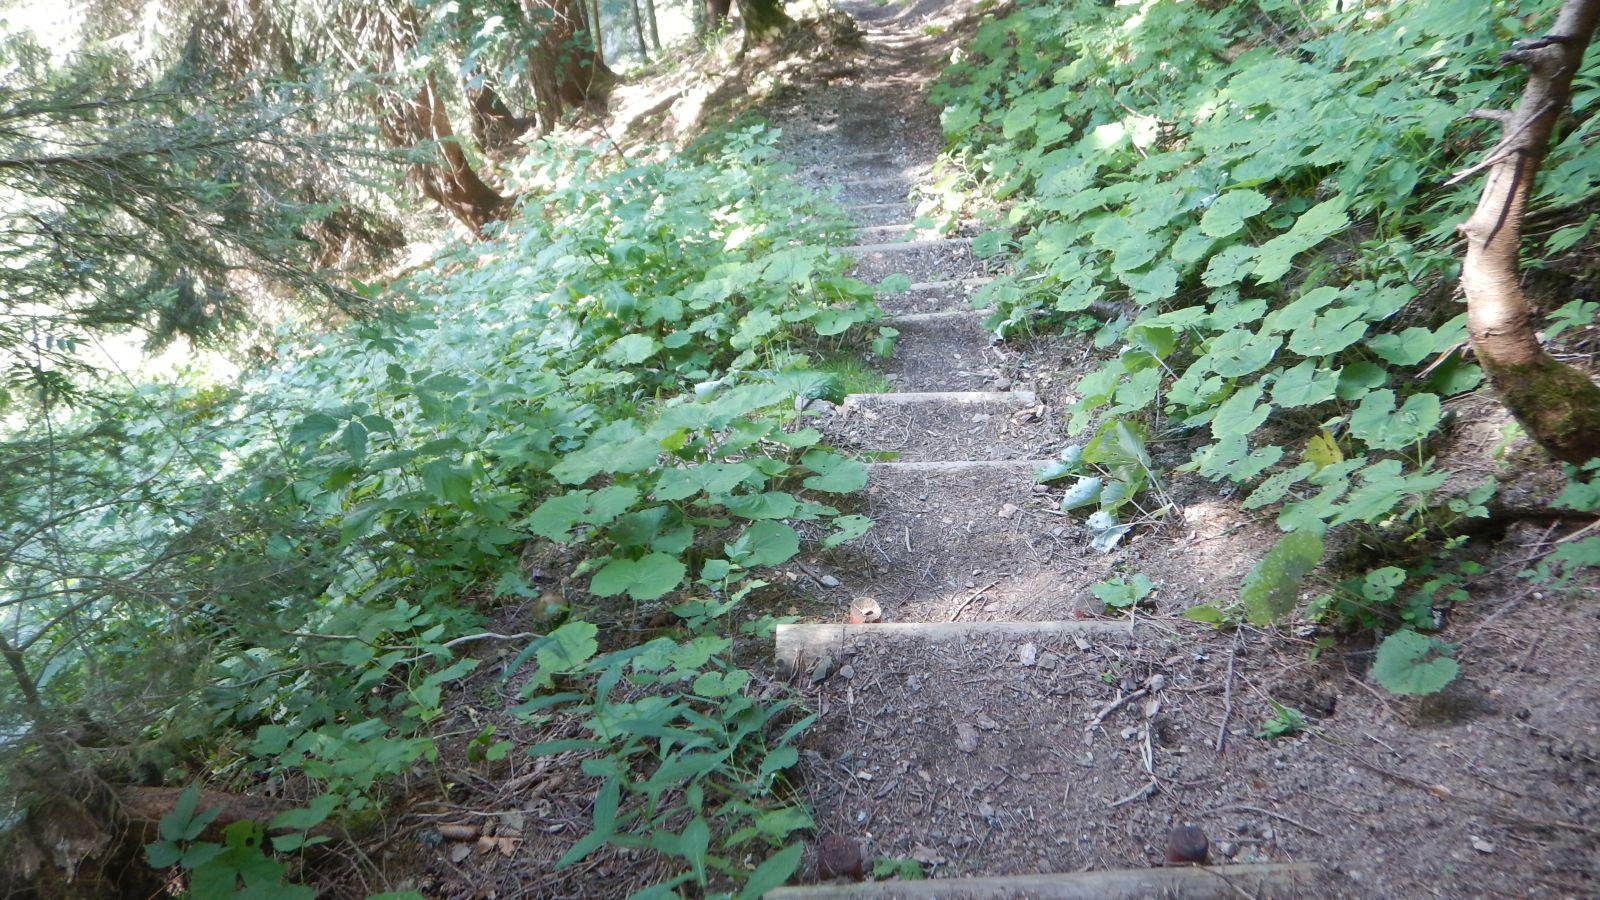 Danach folgte ein unangehmer Schotterweg der sehr Steil nach unten ging...